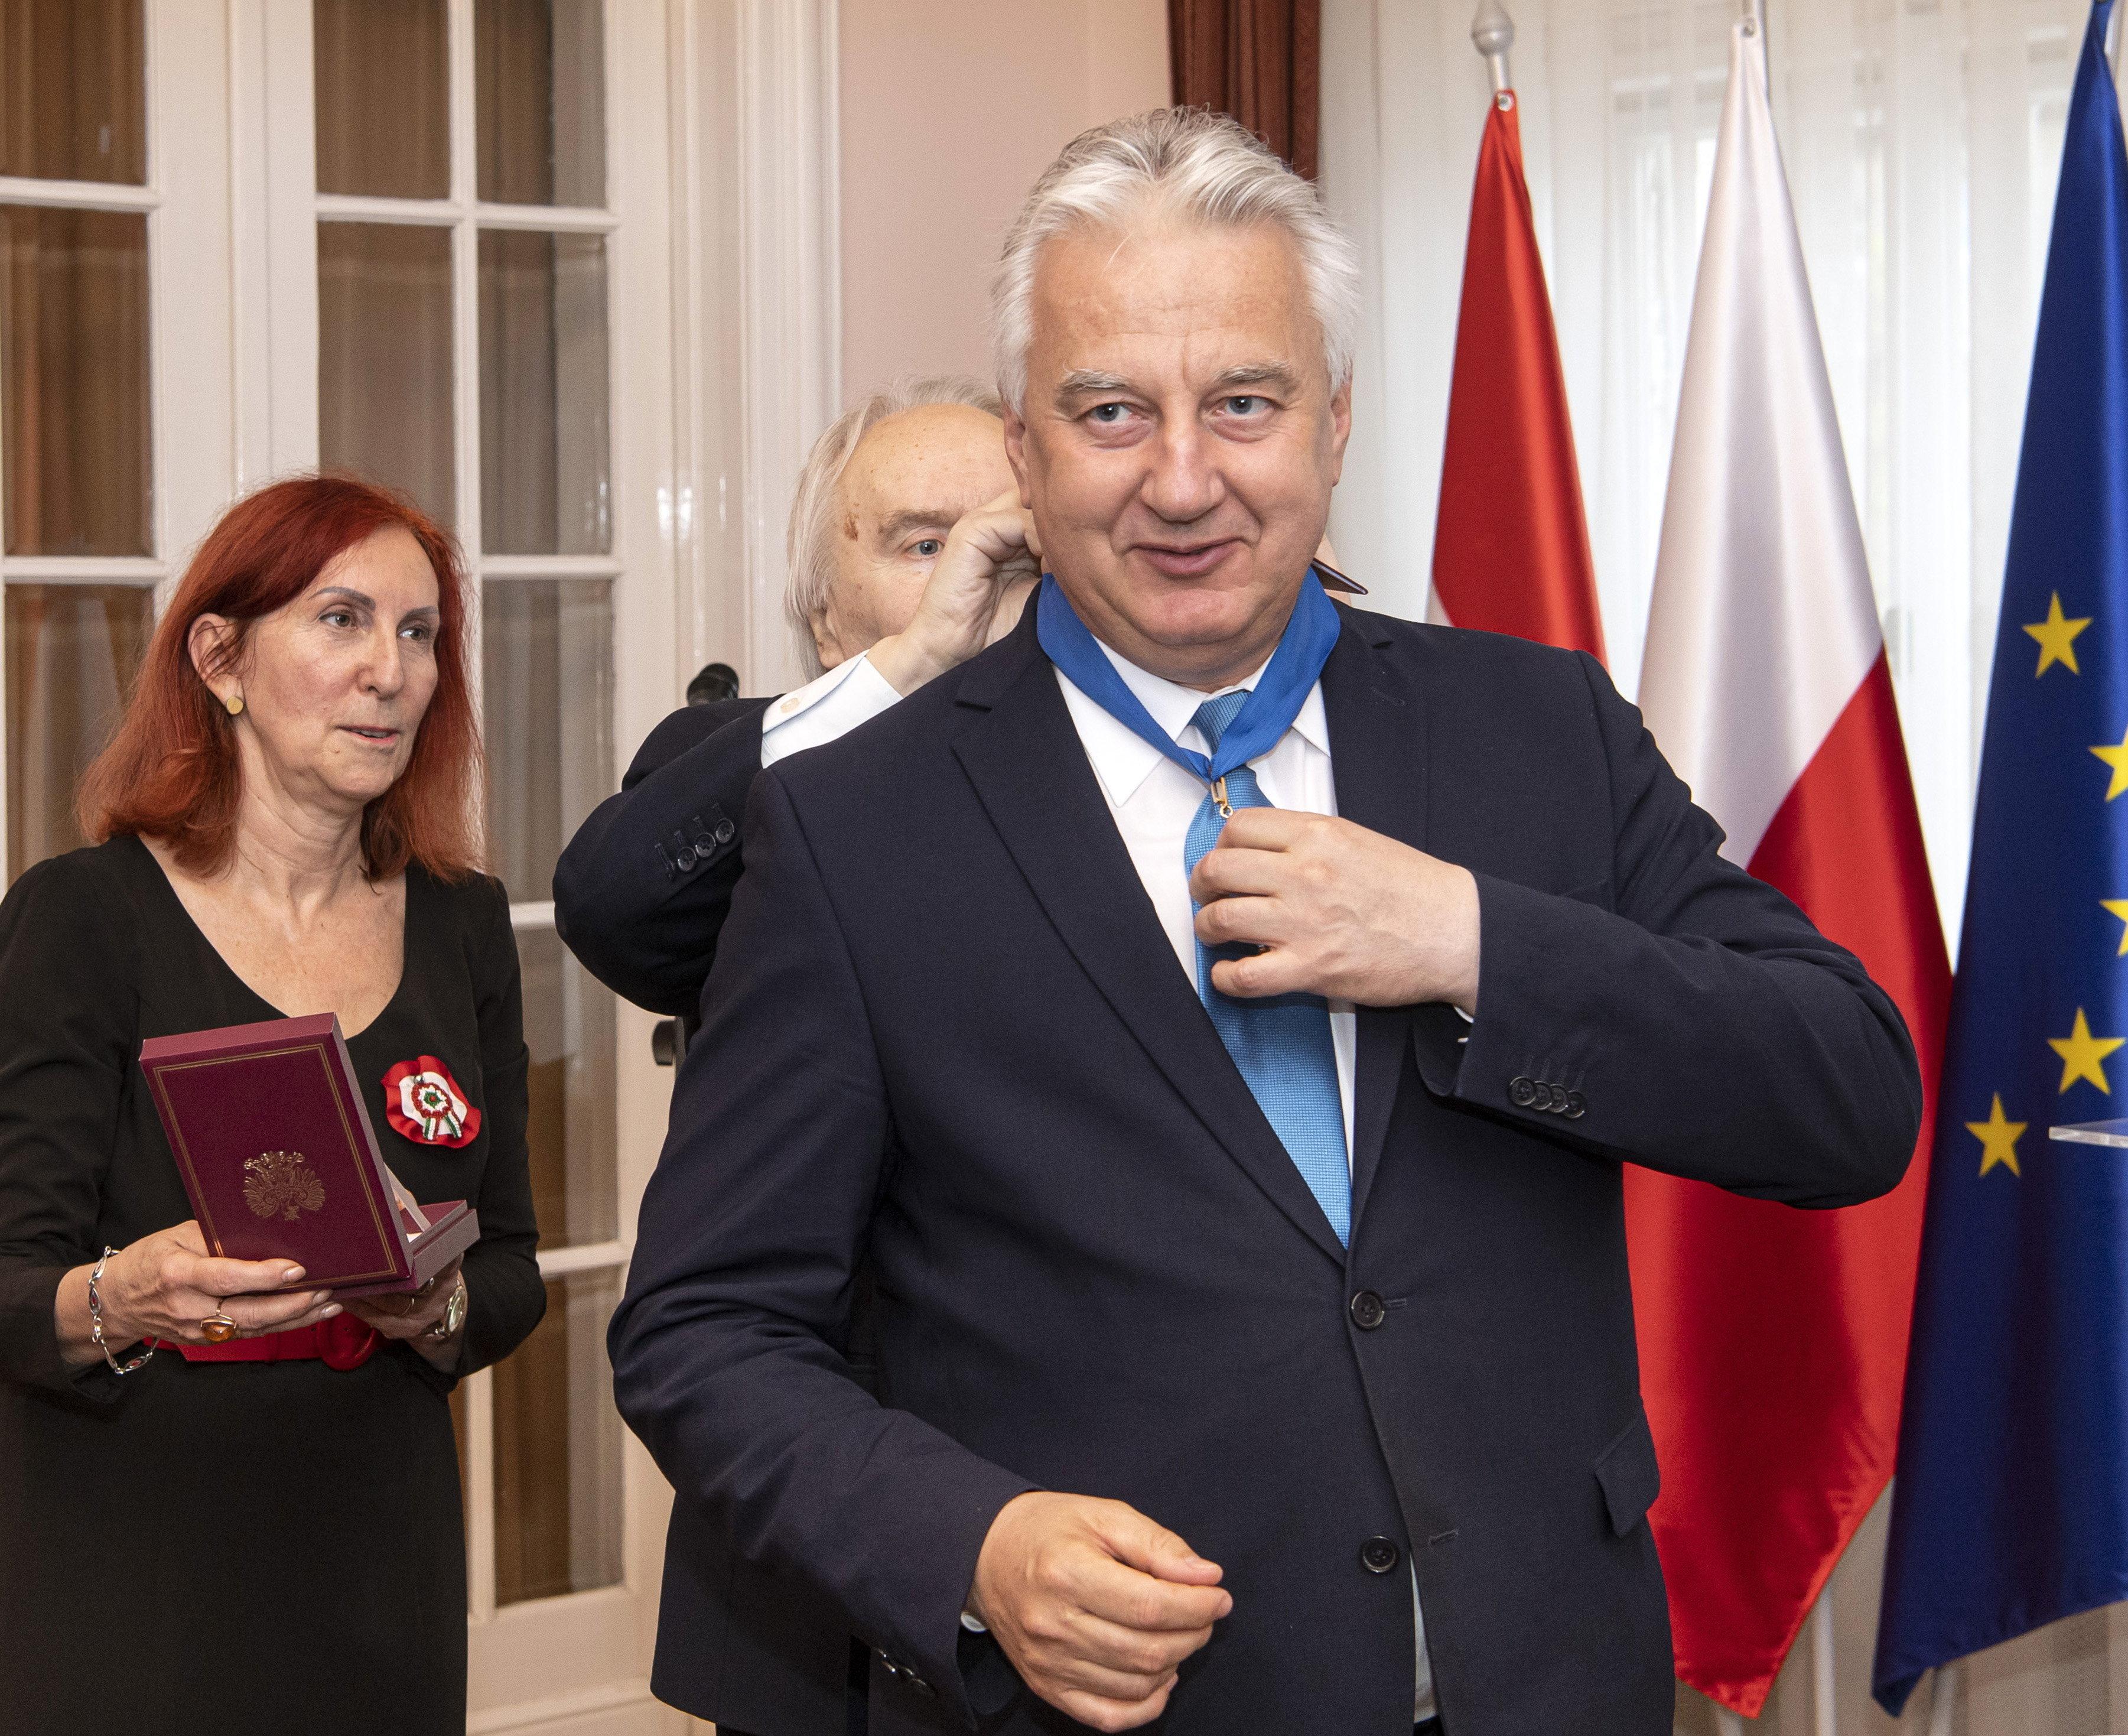 Az egyik legkiválóbb magyar politikusként tüntette ki Semjént a lengyel állam